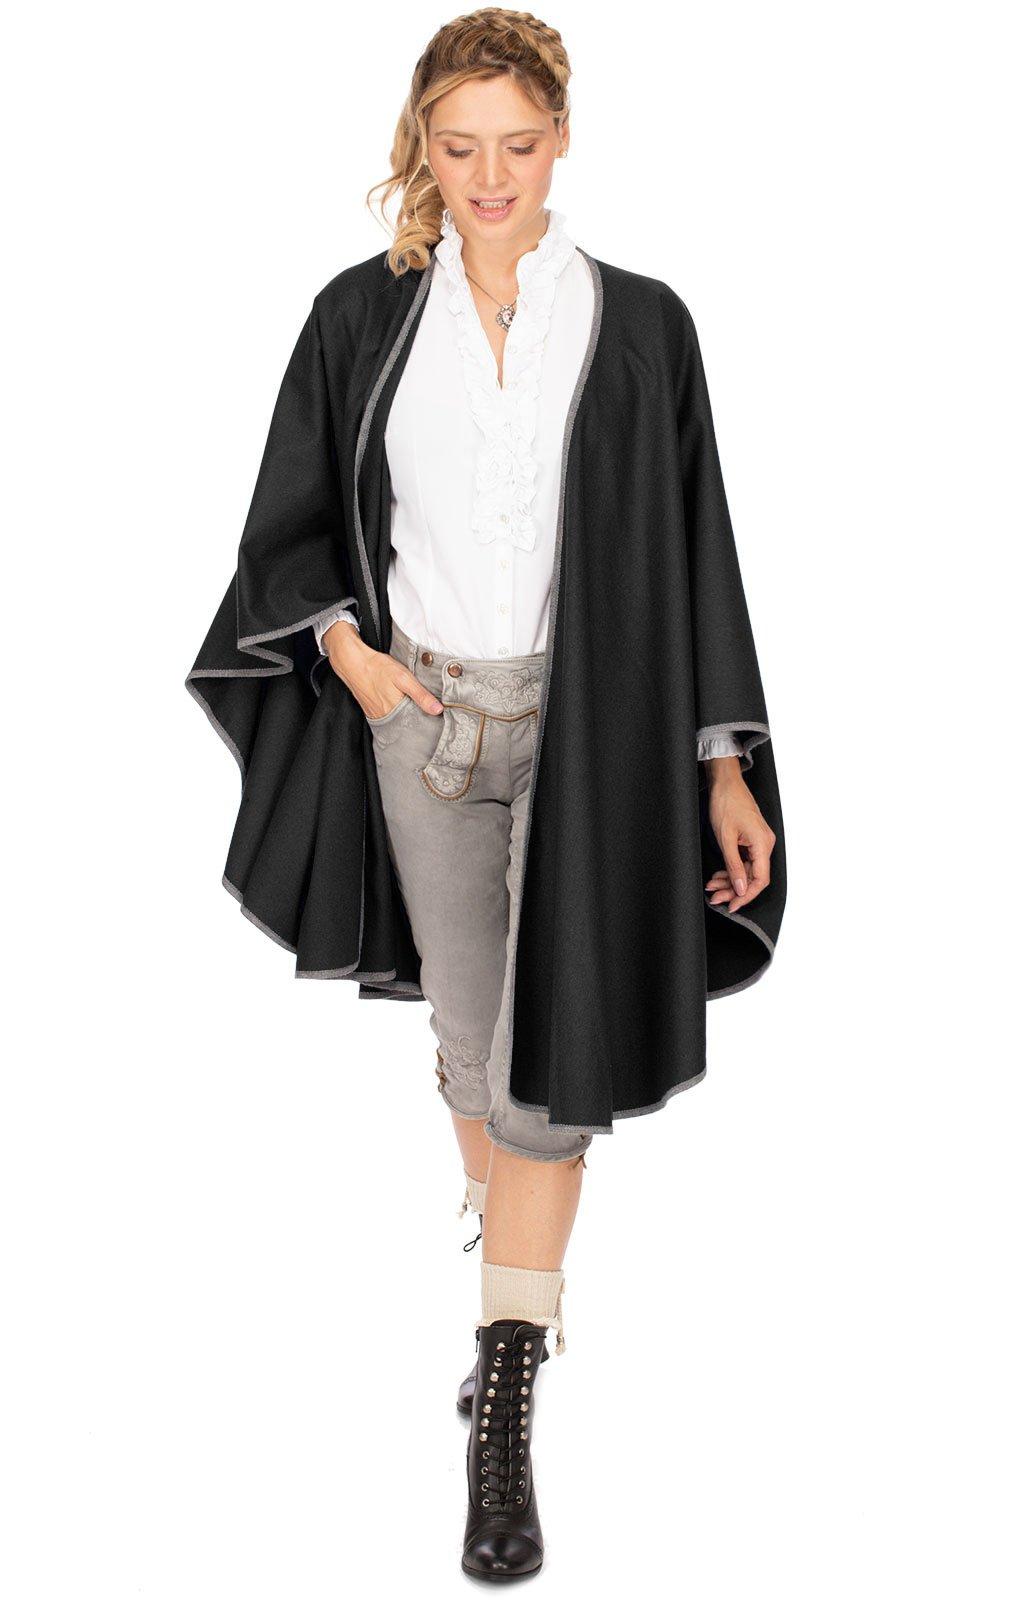 weitere Bilder von Costume del Capo THURN antracite